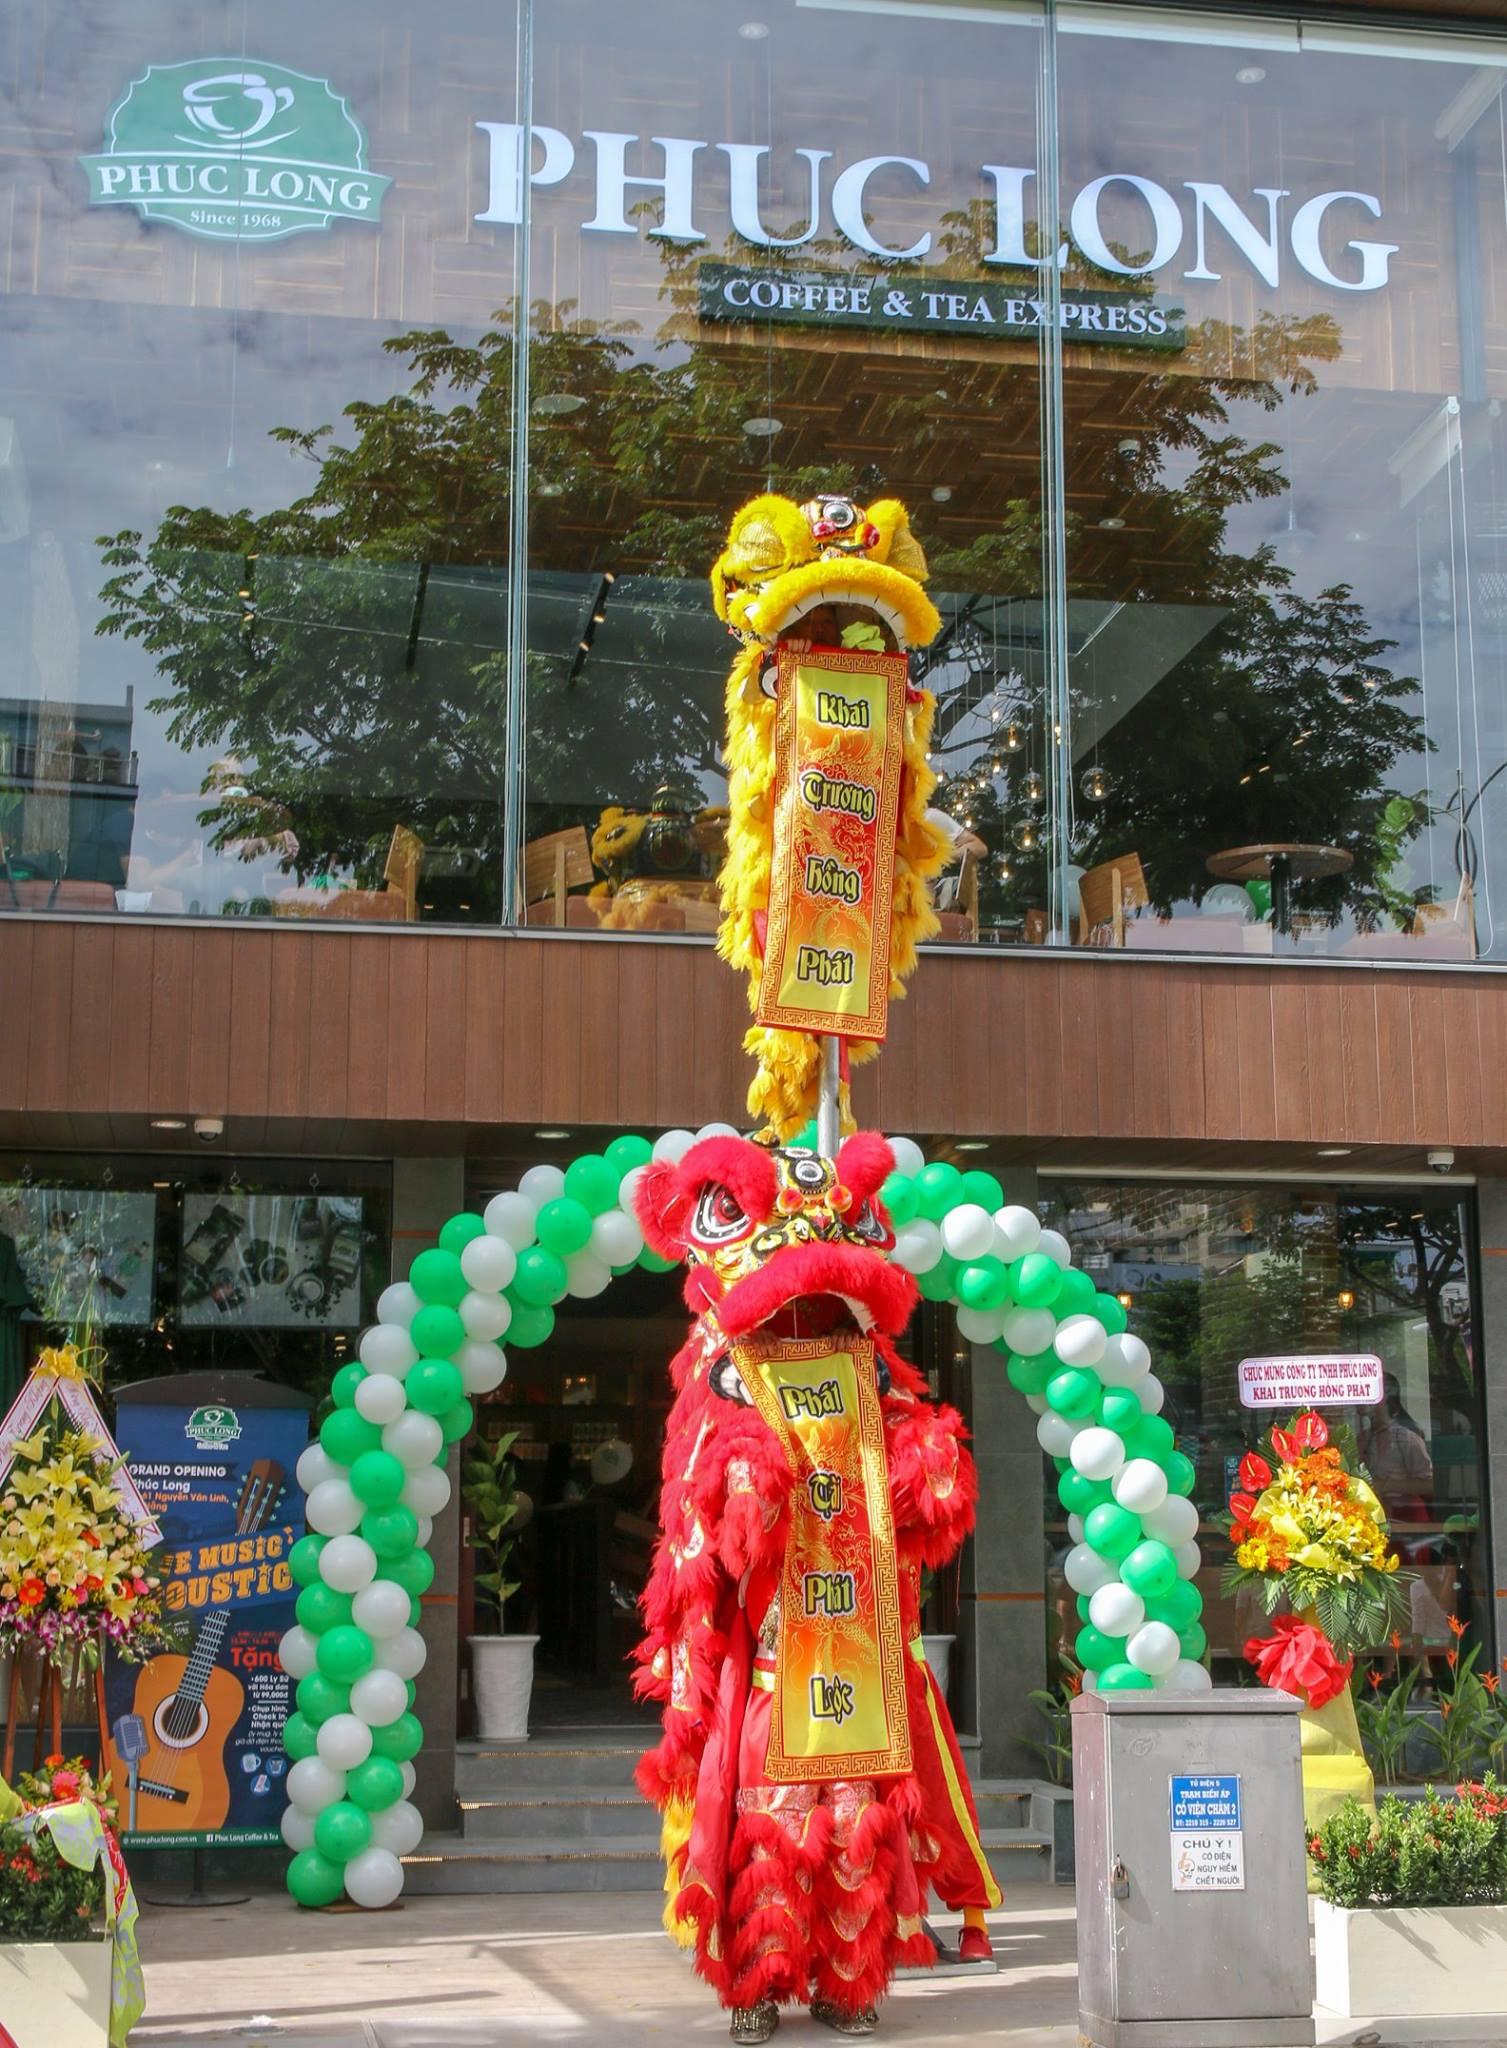 Grand opening Phuc Long Nguyen Van Linh - Da Nang city